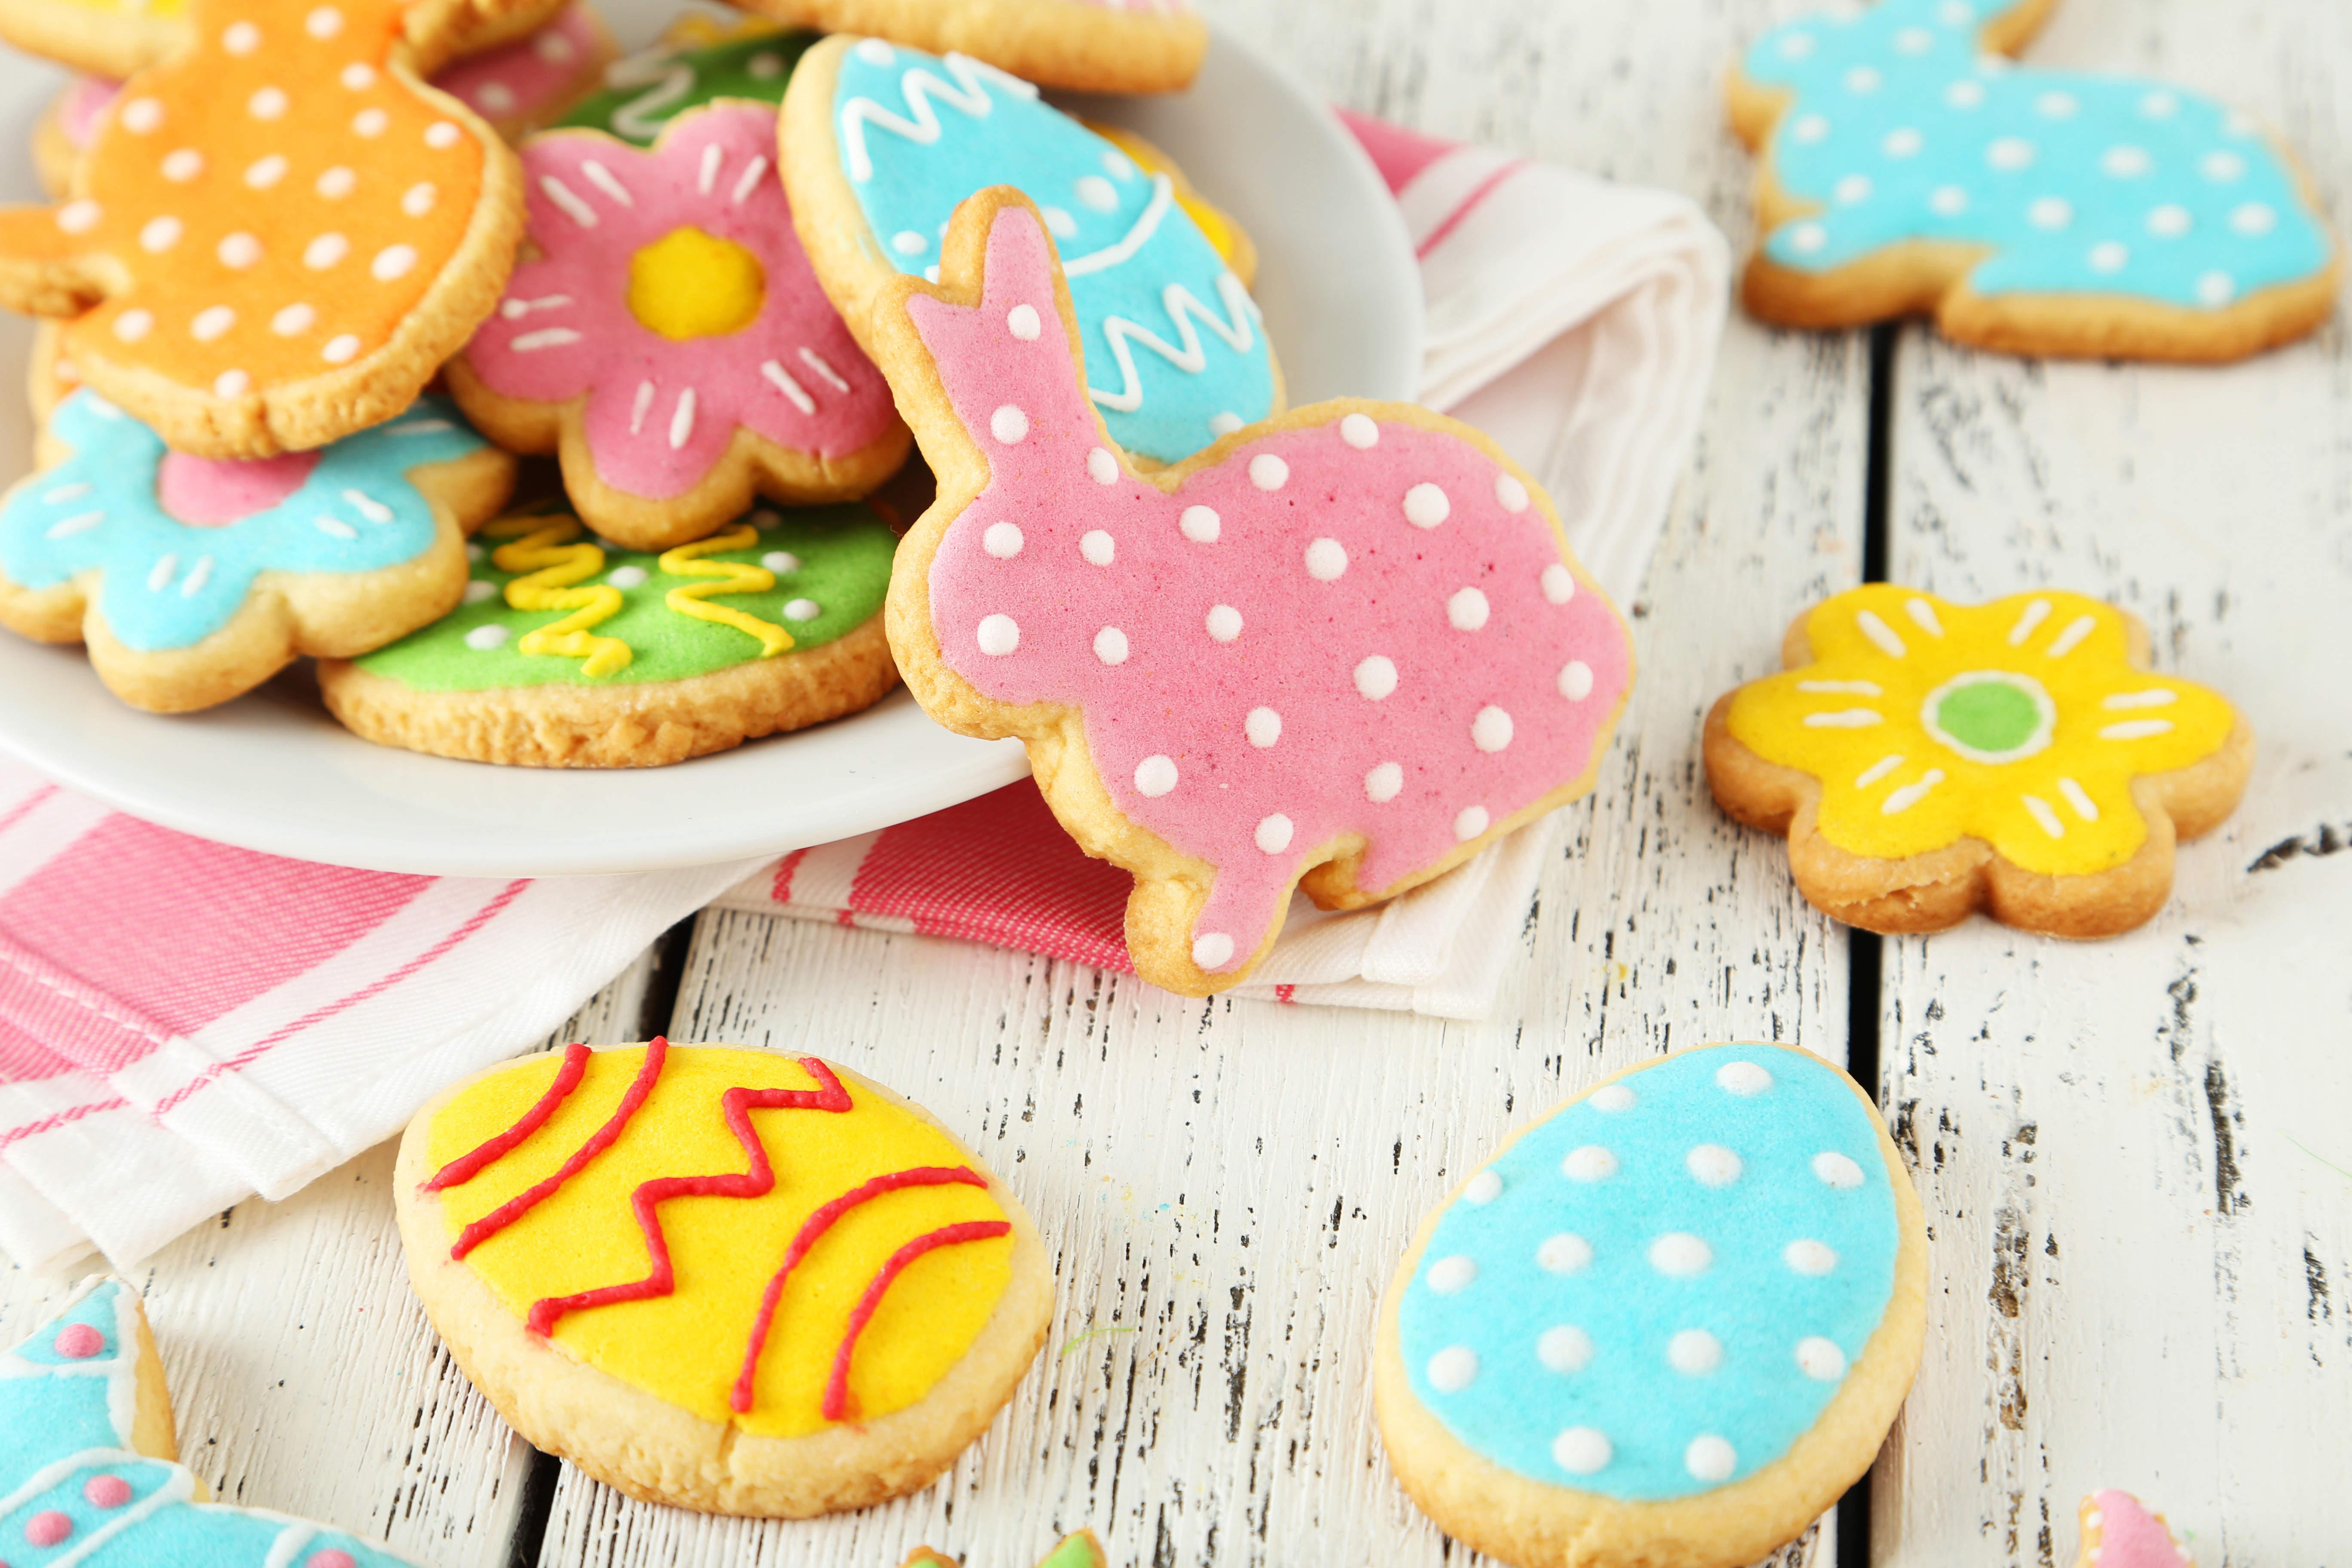 Blog La Foir'Fouille - On adore - 3 desserts de Pâques originaux